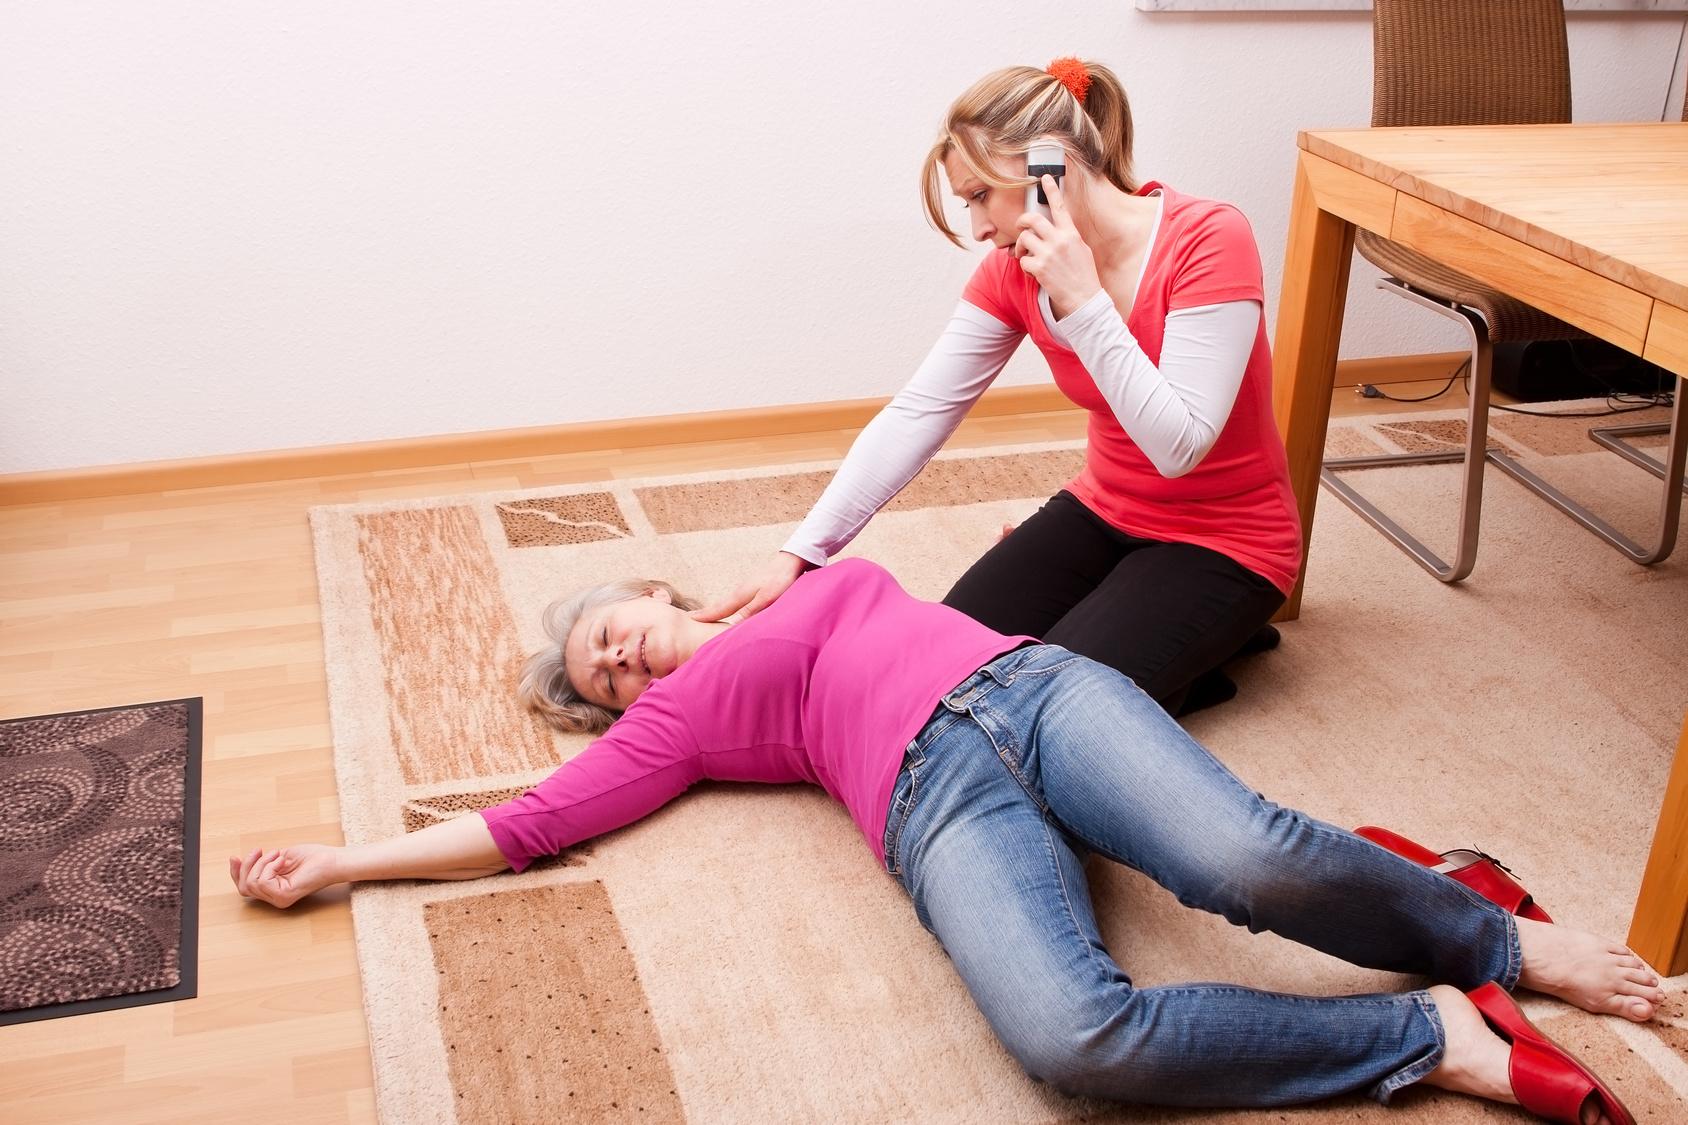 Eine Seniorin ist bewusstlos und liegt auf dem Boden. Eine Frau kniet neben ihr und alarmiert den Rettungsdienst über die Notrufnummer 112. (ärztliche VErsorgung)